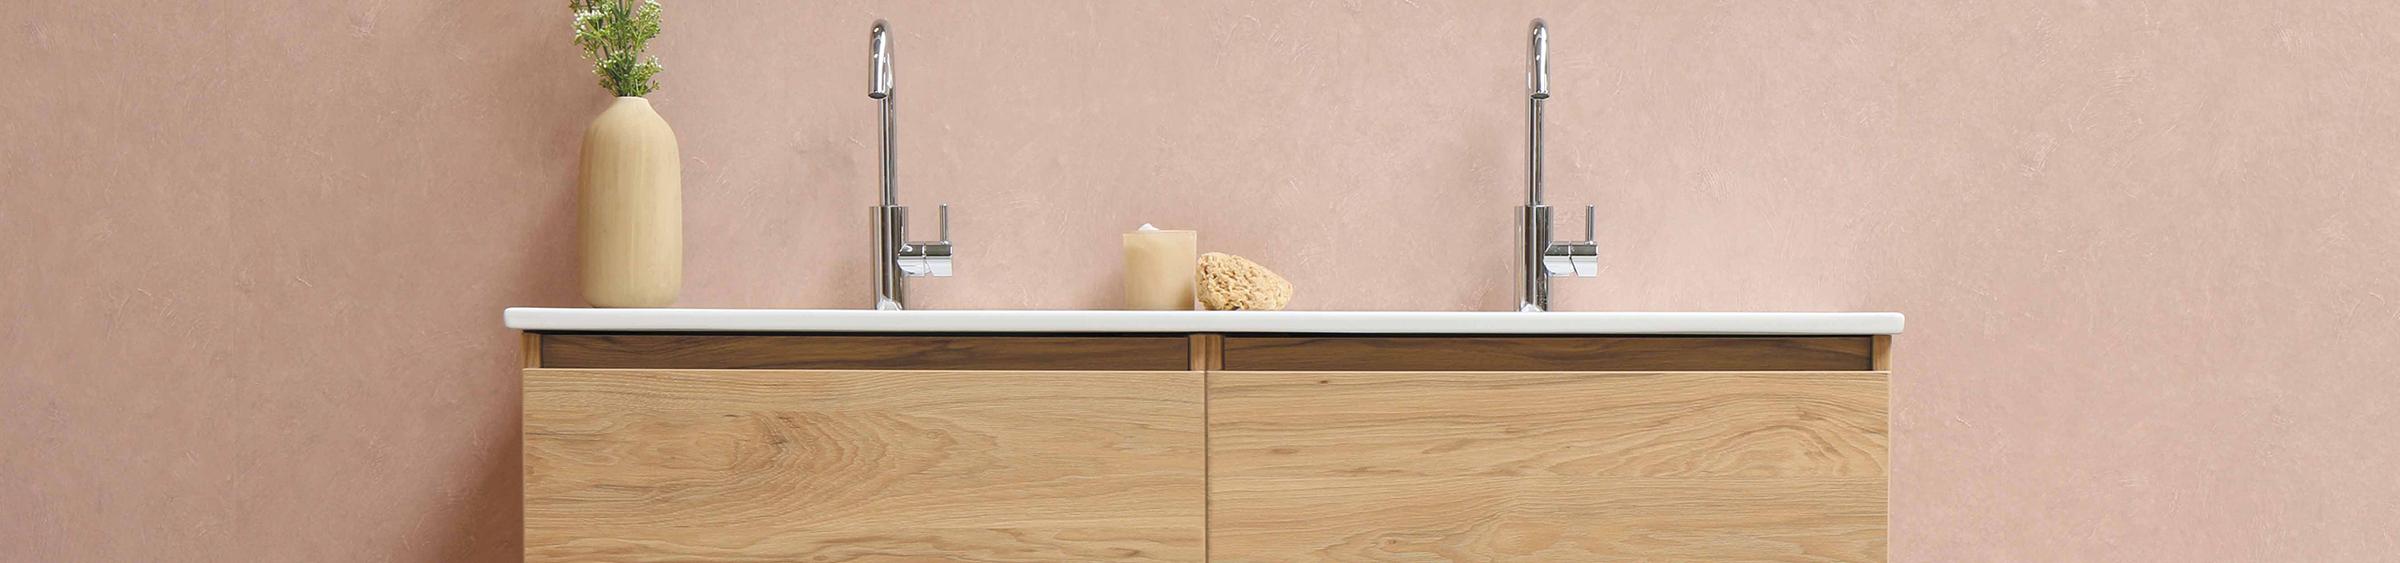 Proline badkamermeubels en wastafels - Proline badkamermeubels en wastafels